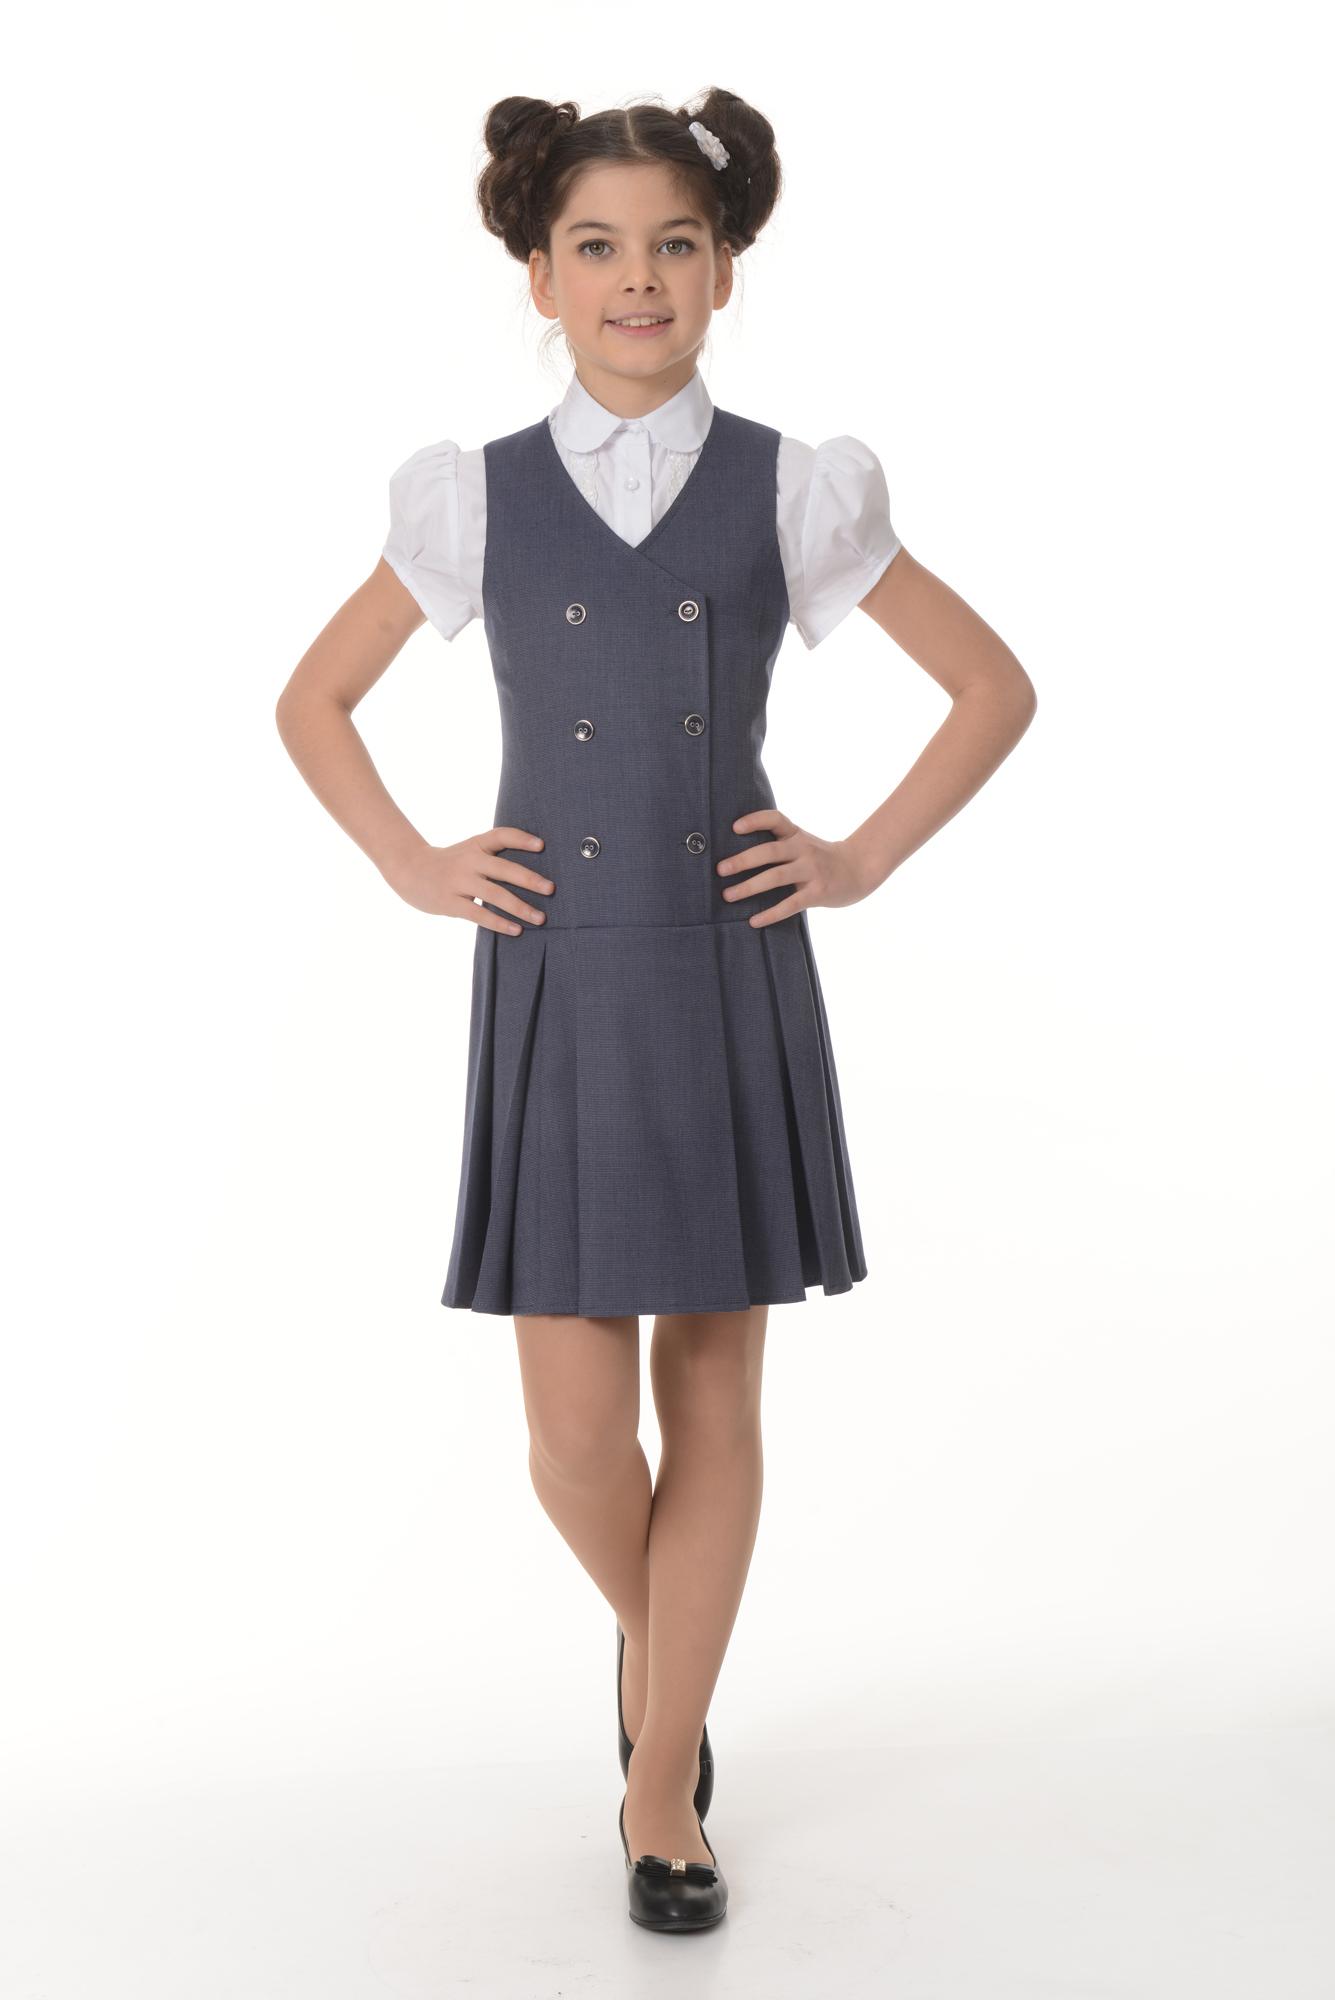 Купить Сарафан для девочек SkyLake ШФ-1147 Кембридж цв. синий, р. 36/146, Сарафаны для девочек